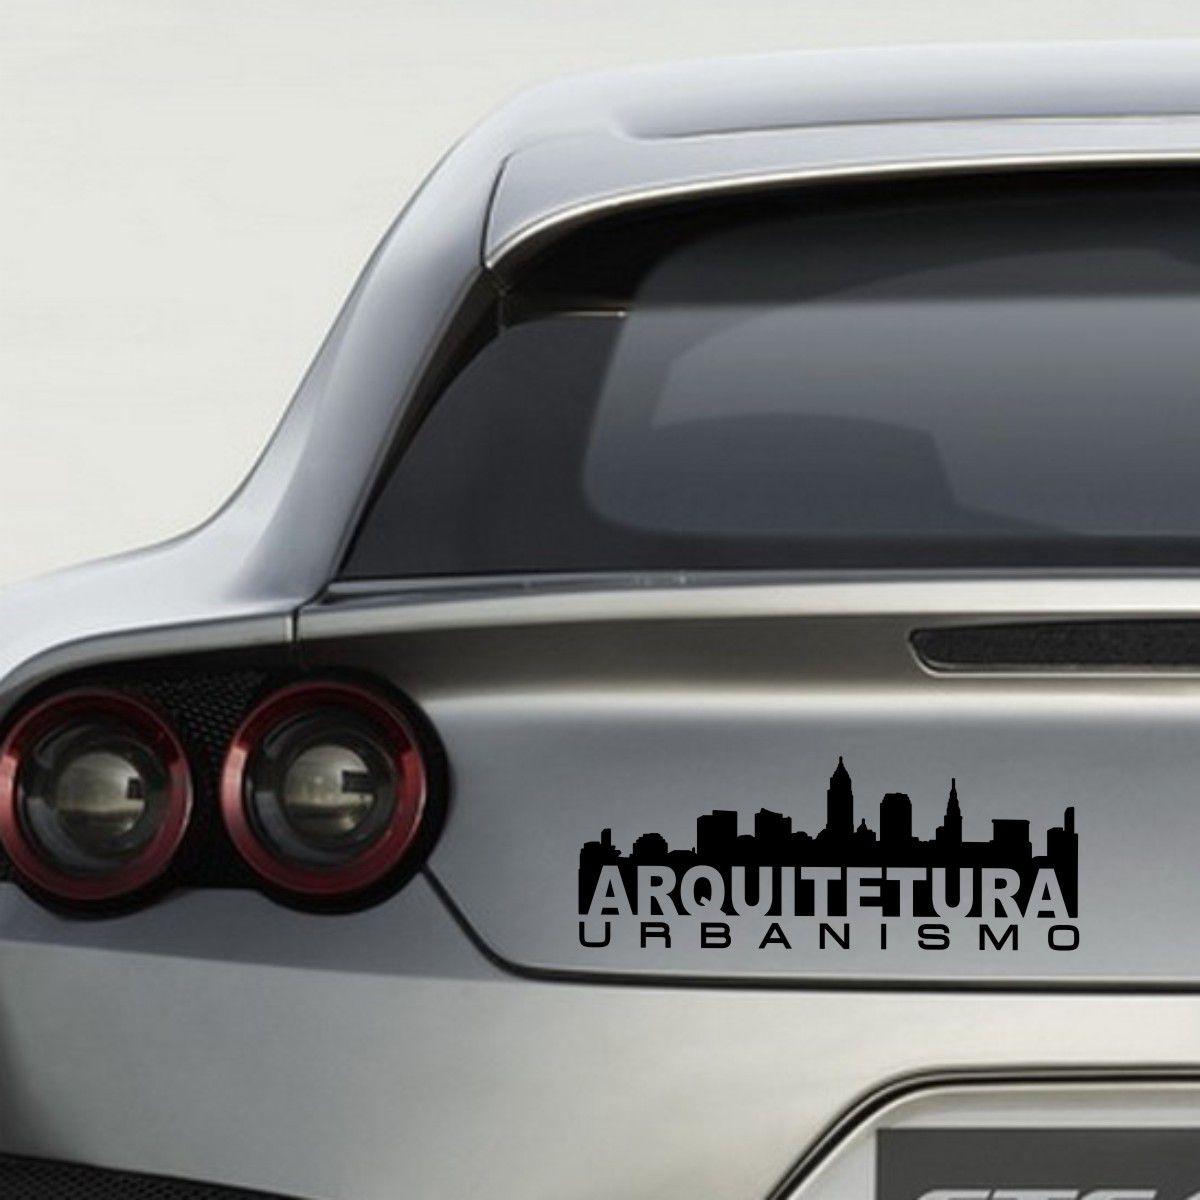 Adesivo Arquitetura